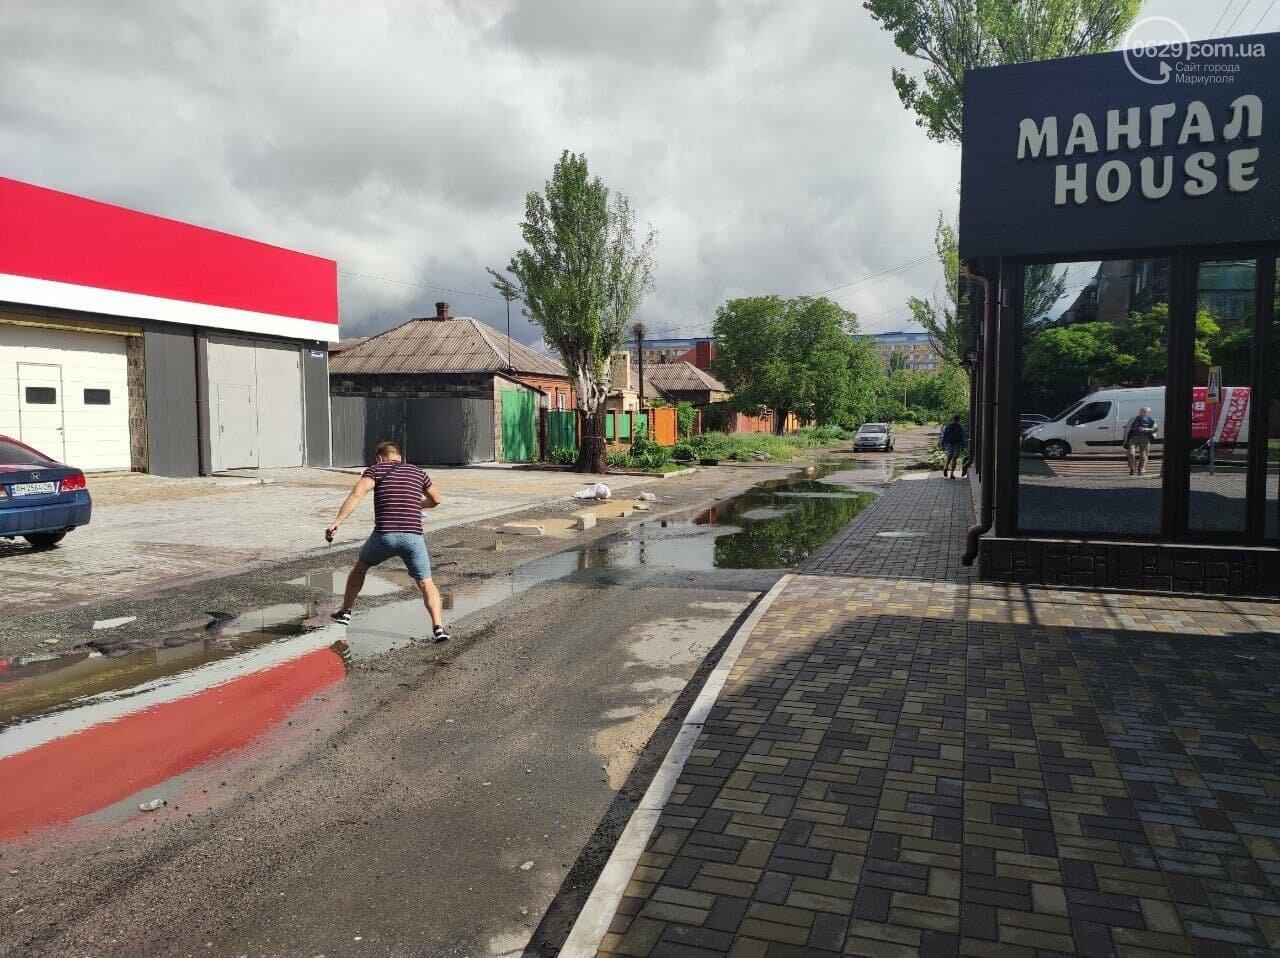 Пешеходов вытеснили: в Мариуполе кафе полностью захватило тротуар, - ФОТО, фото-1